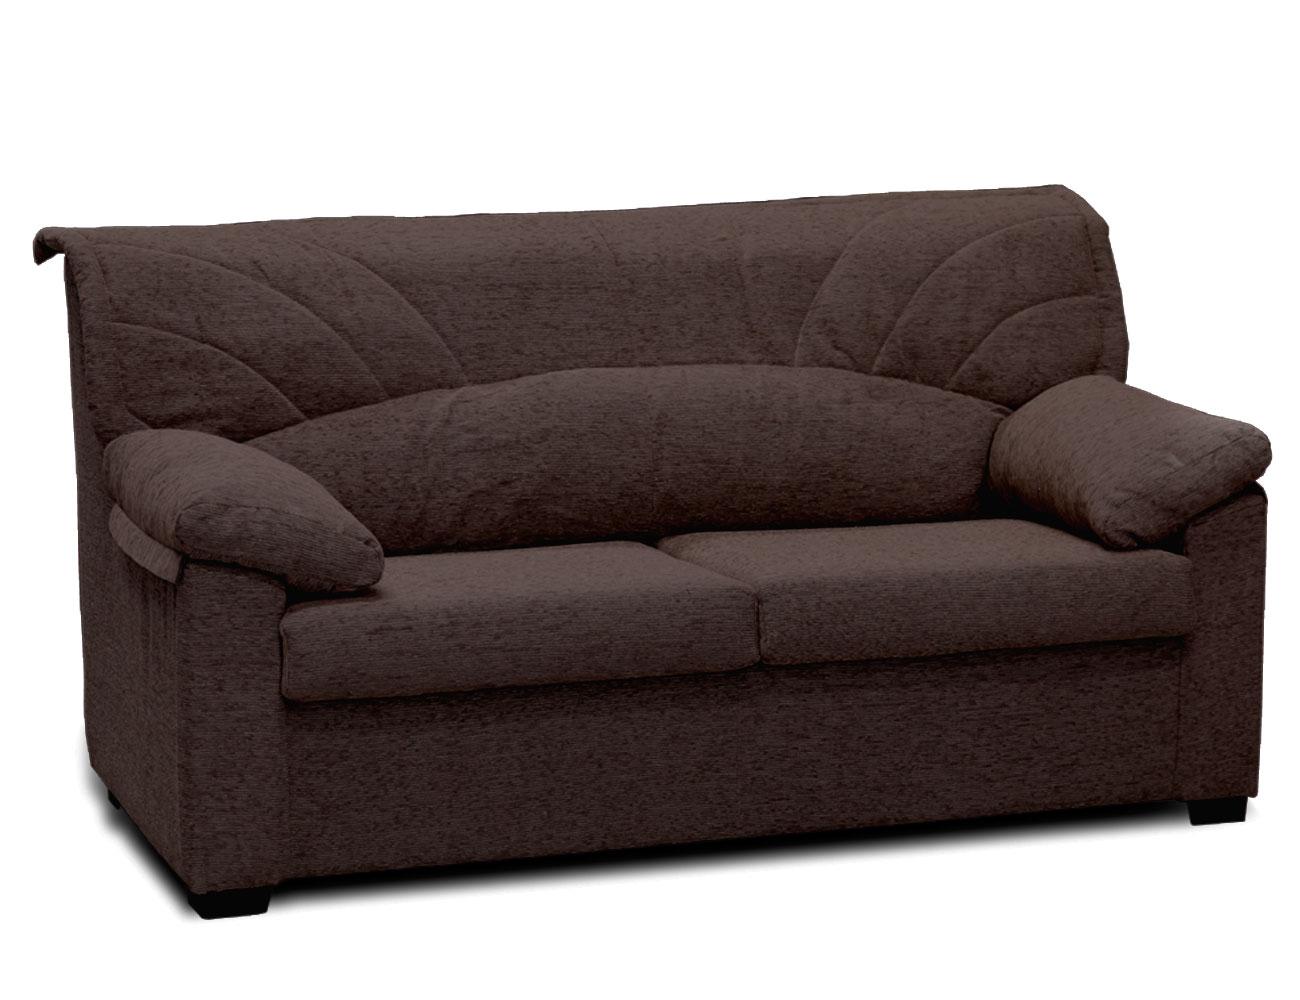 Sof barato con respaldos medios 15204 factory del - Factory del sofa sevilla ...